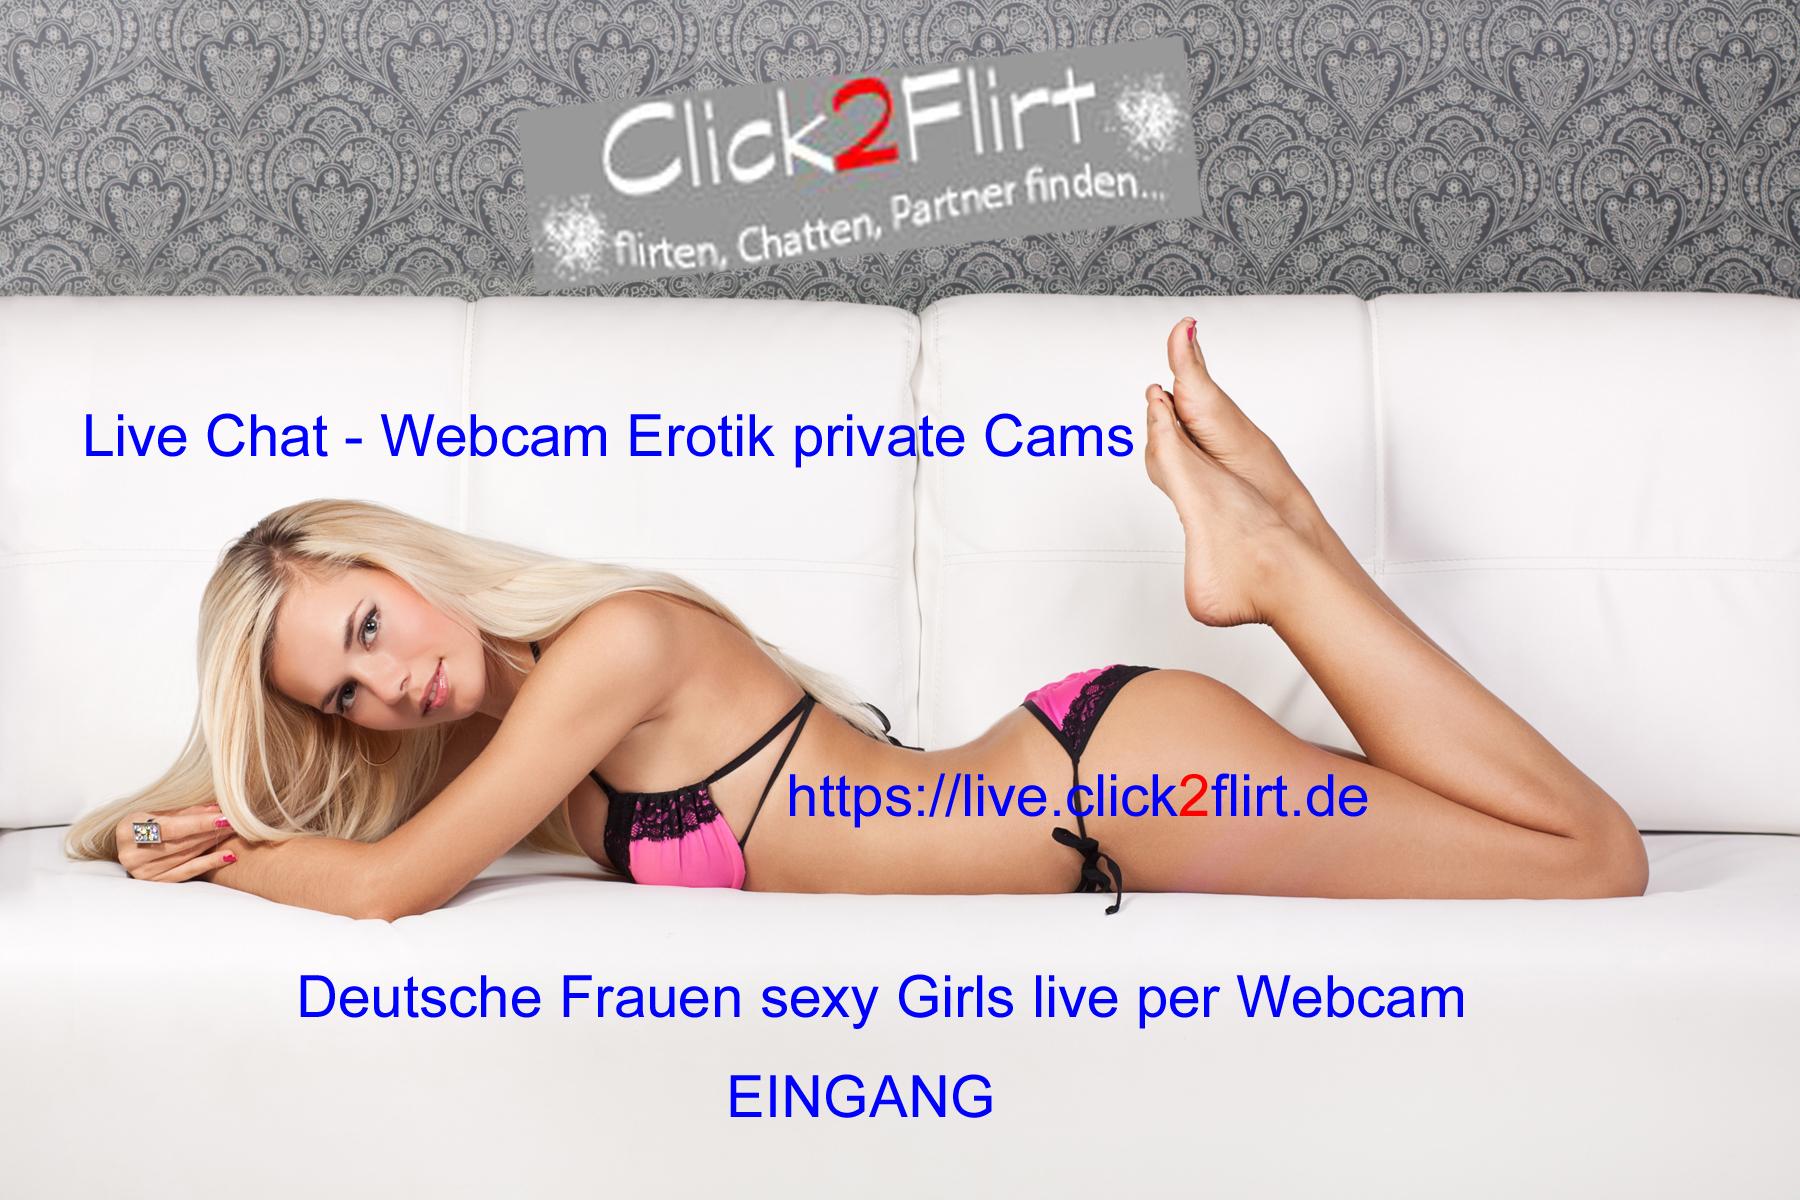 https://www.click2flirt.de